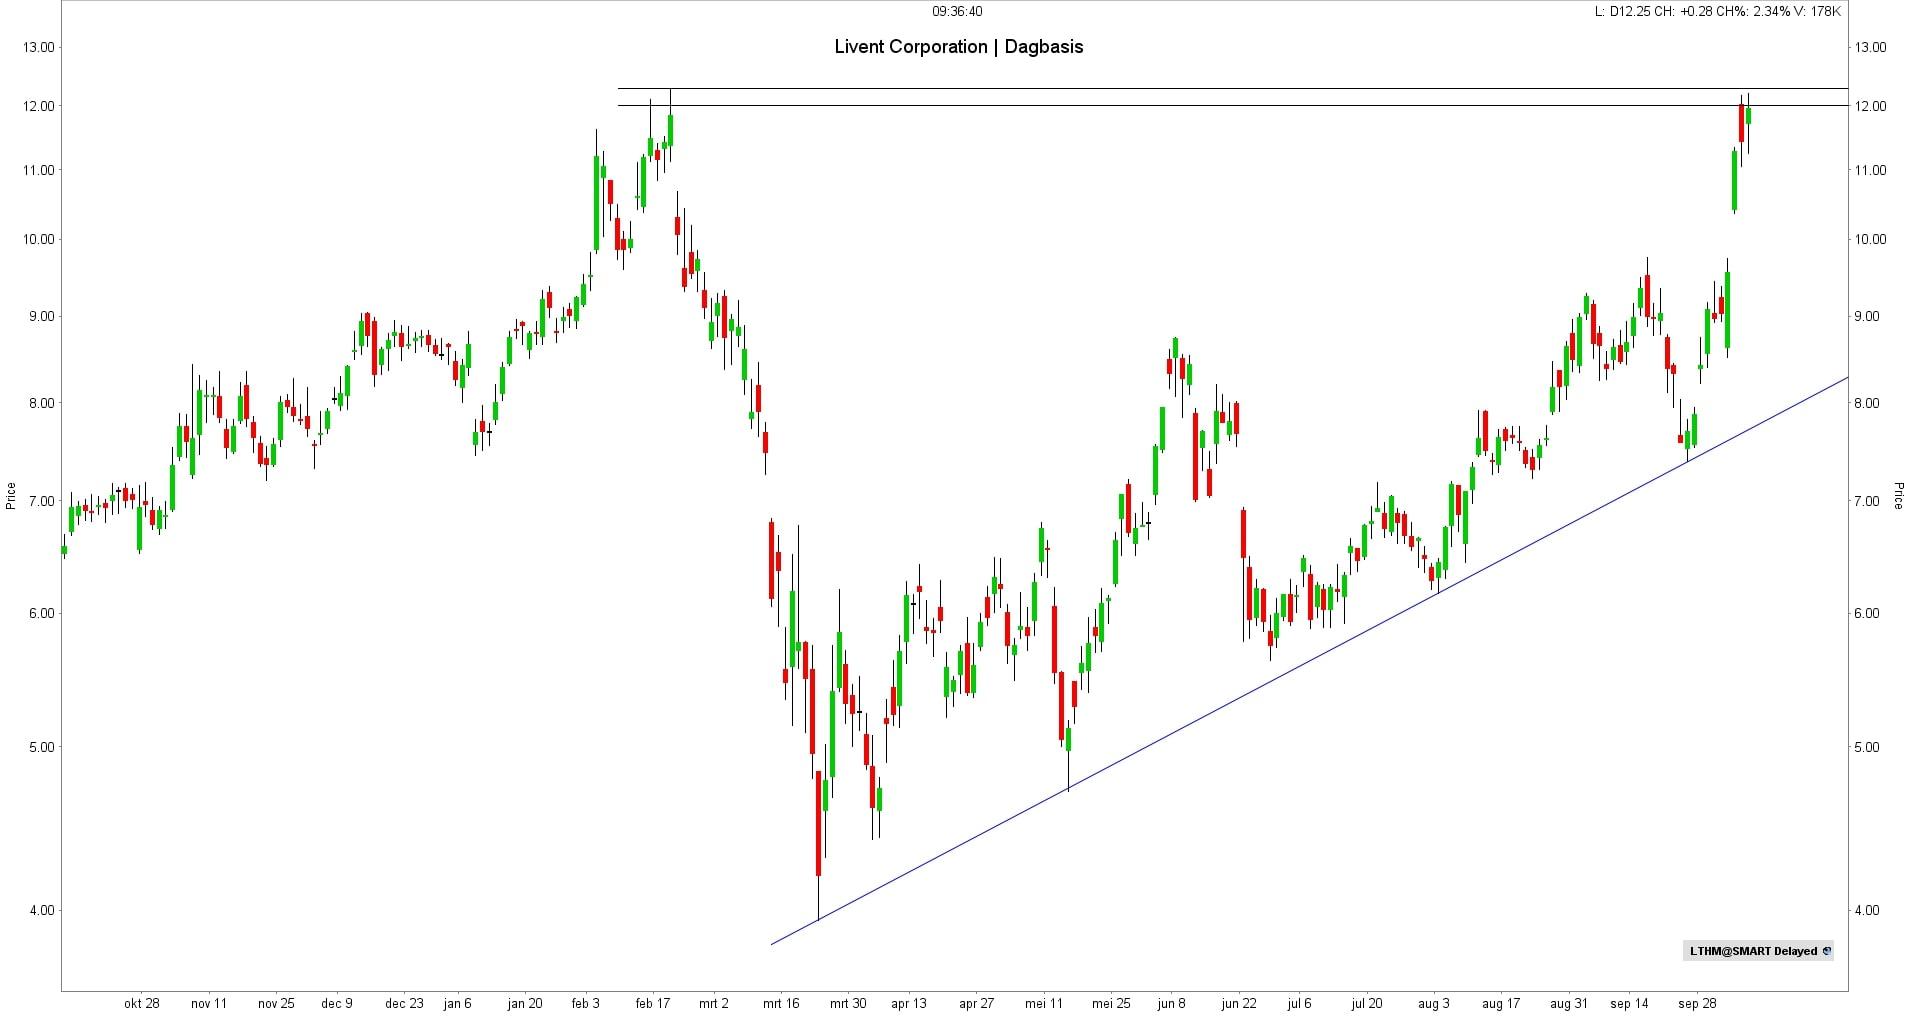 Koers aandeel Livent Corporation | Beste lithium aandelen